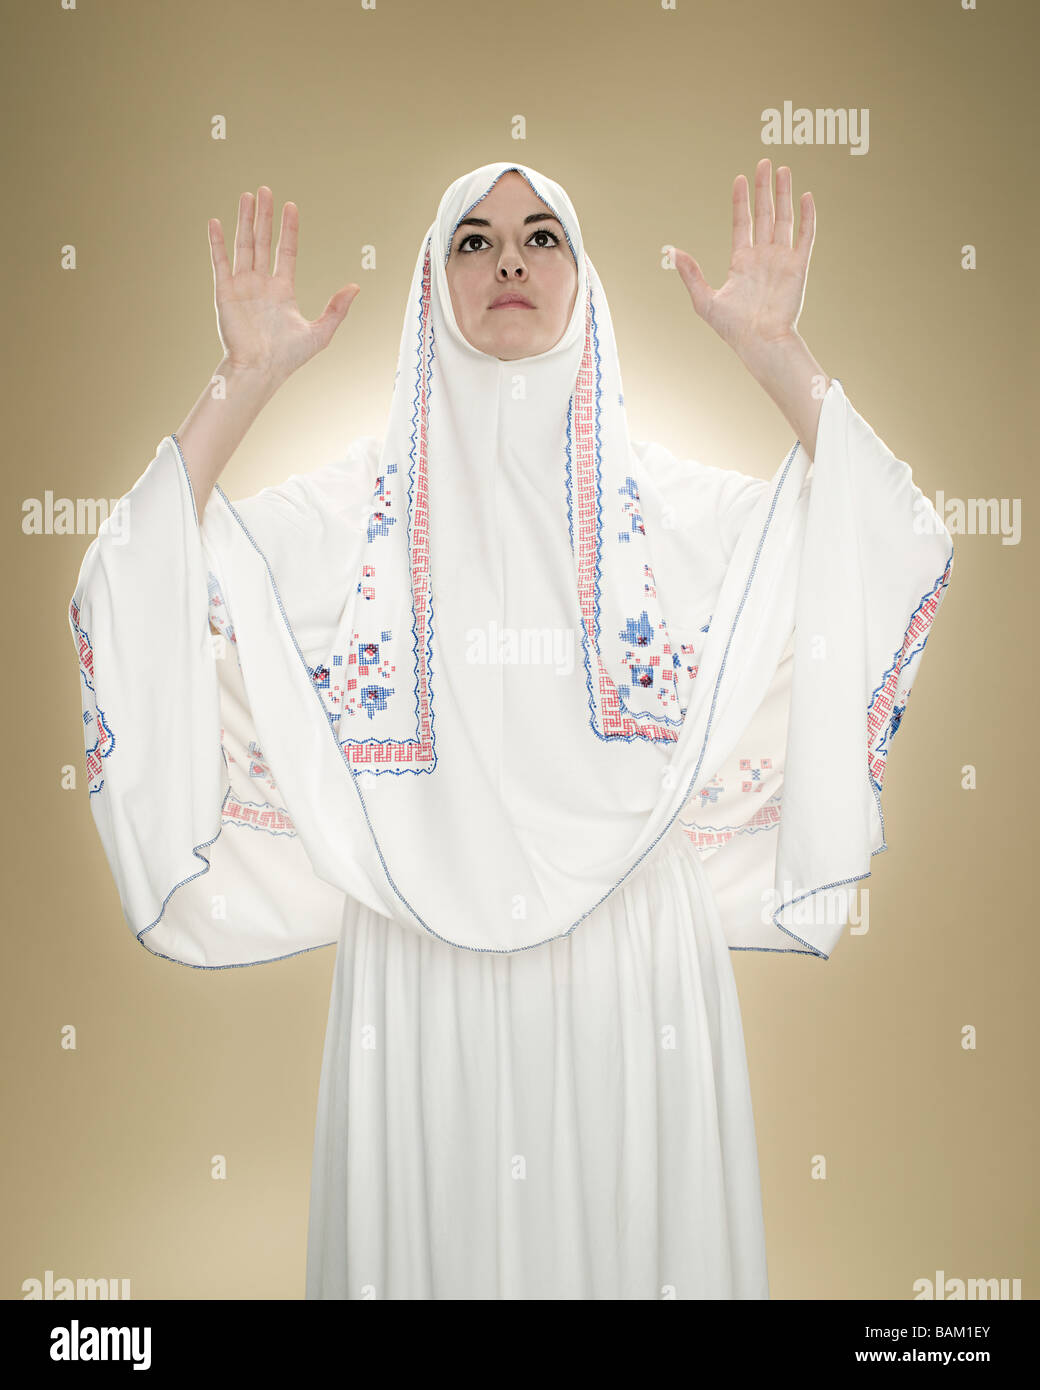 Una joven mujer musulmana rezando Imagen De Stock